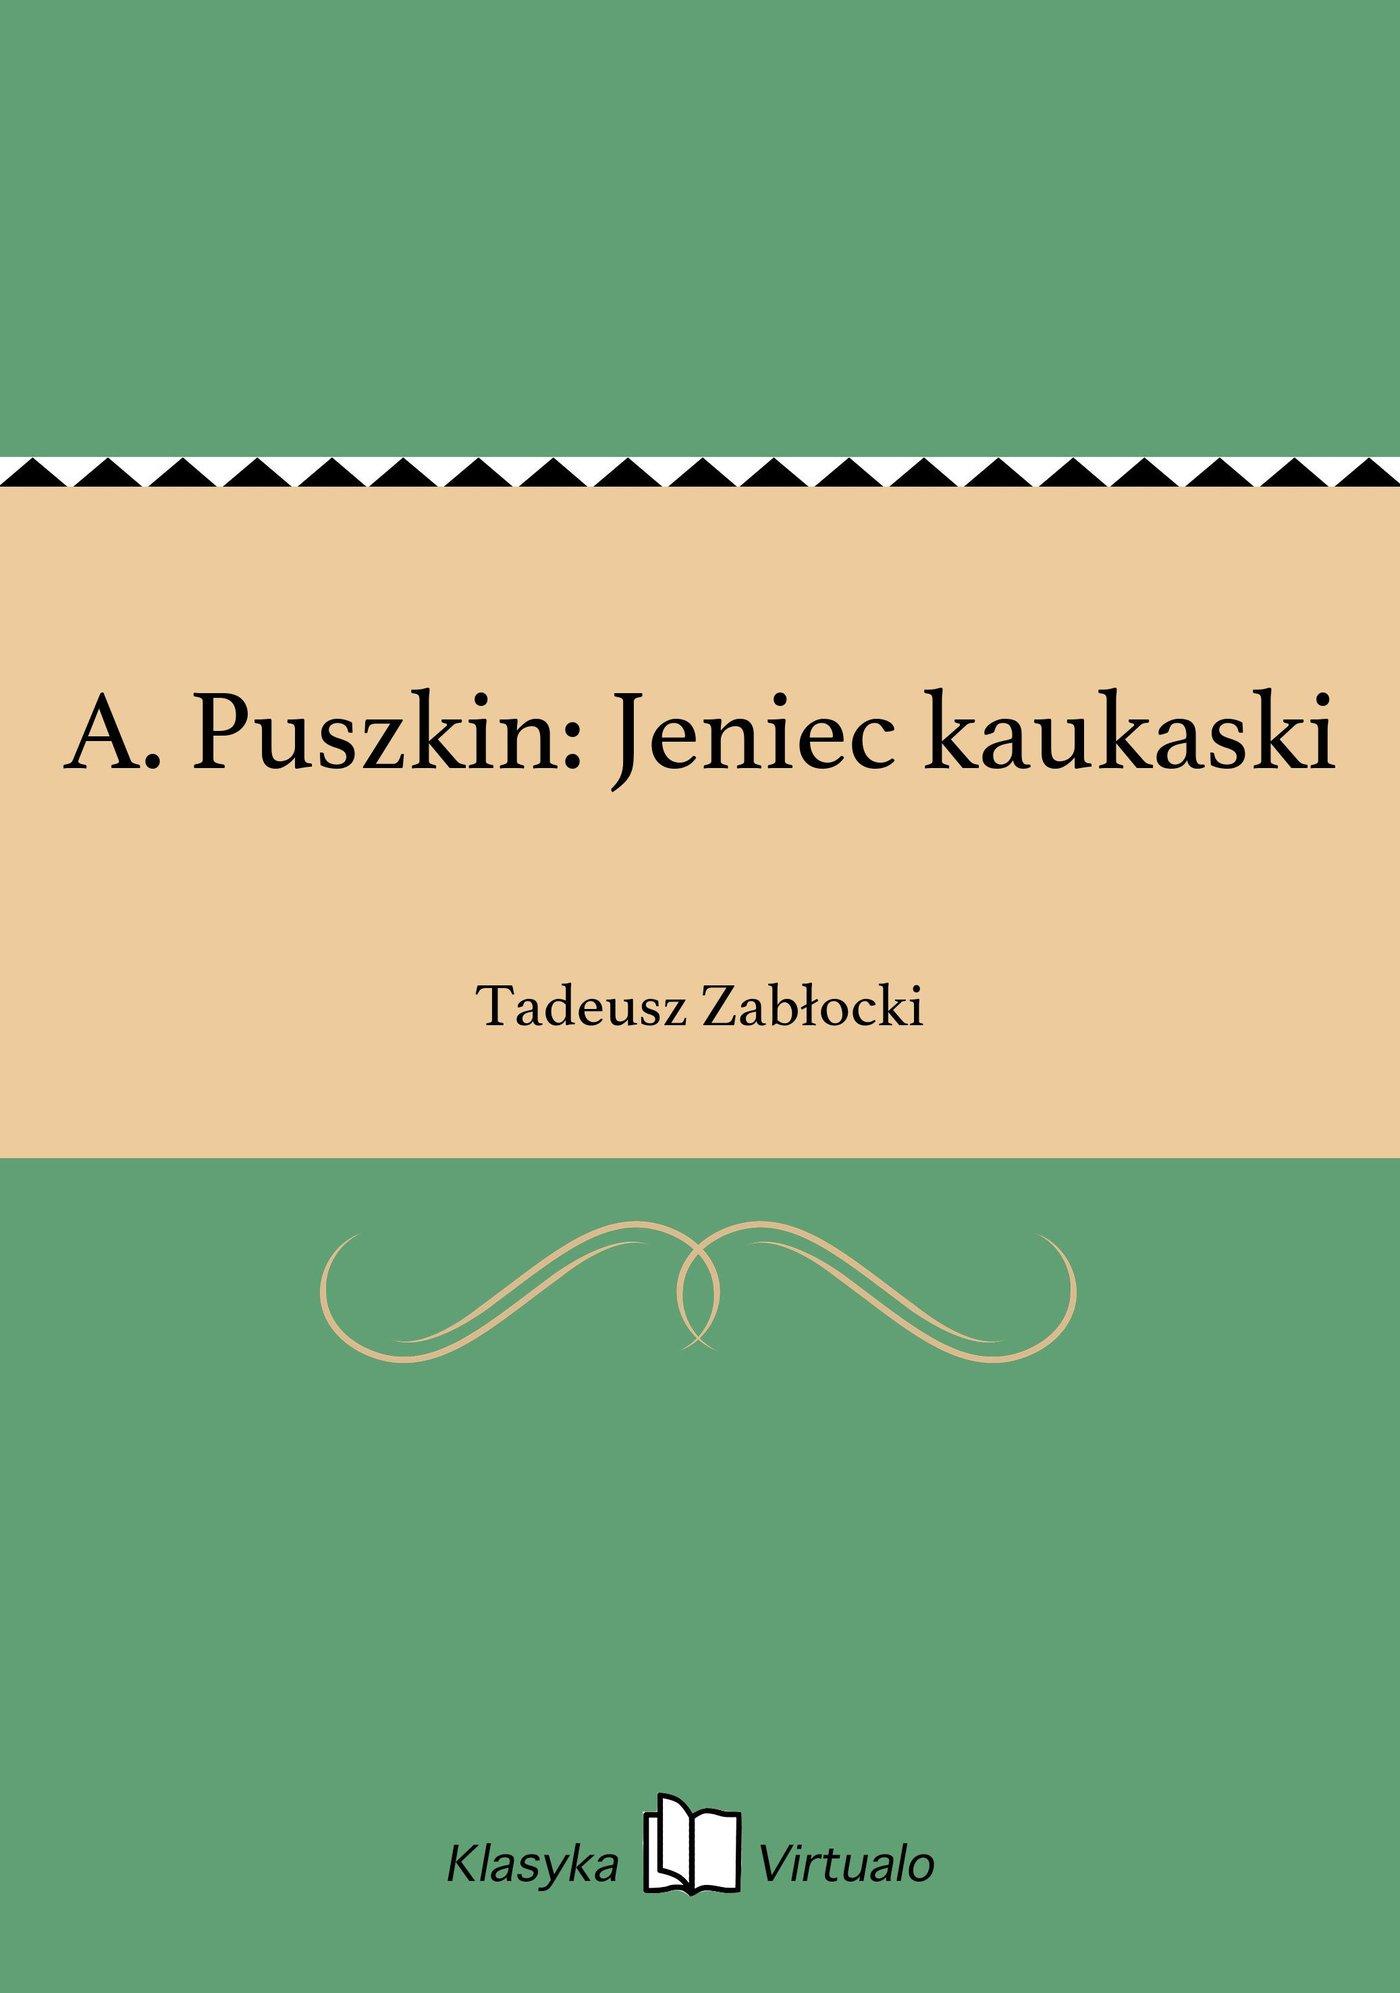 A. Puszkin: Jeniec kaukaski - Ebook (Książka na Kindle) do pobrania w formacie MOBI